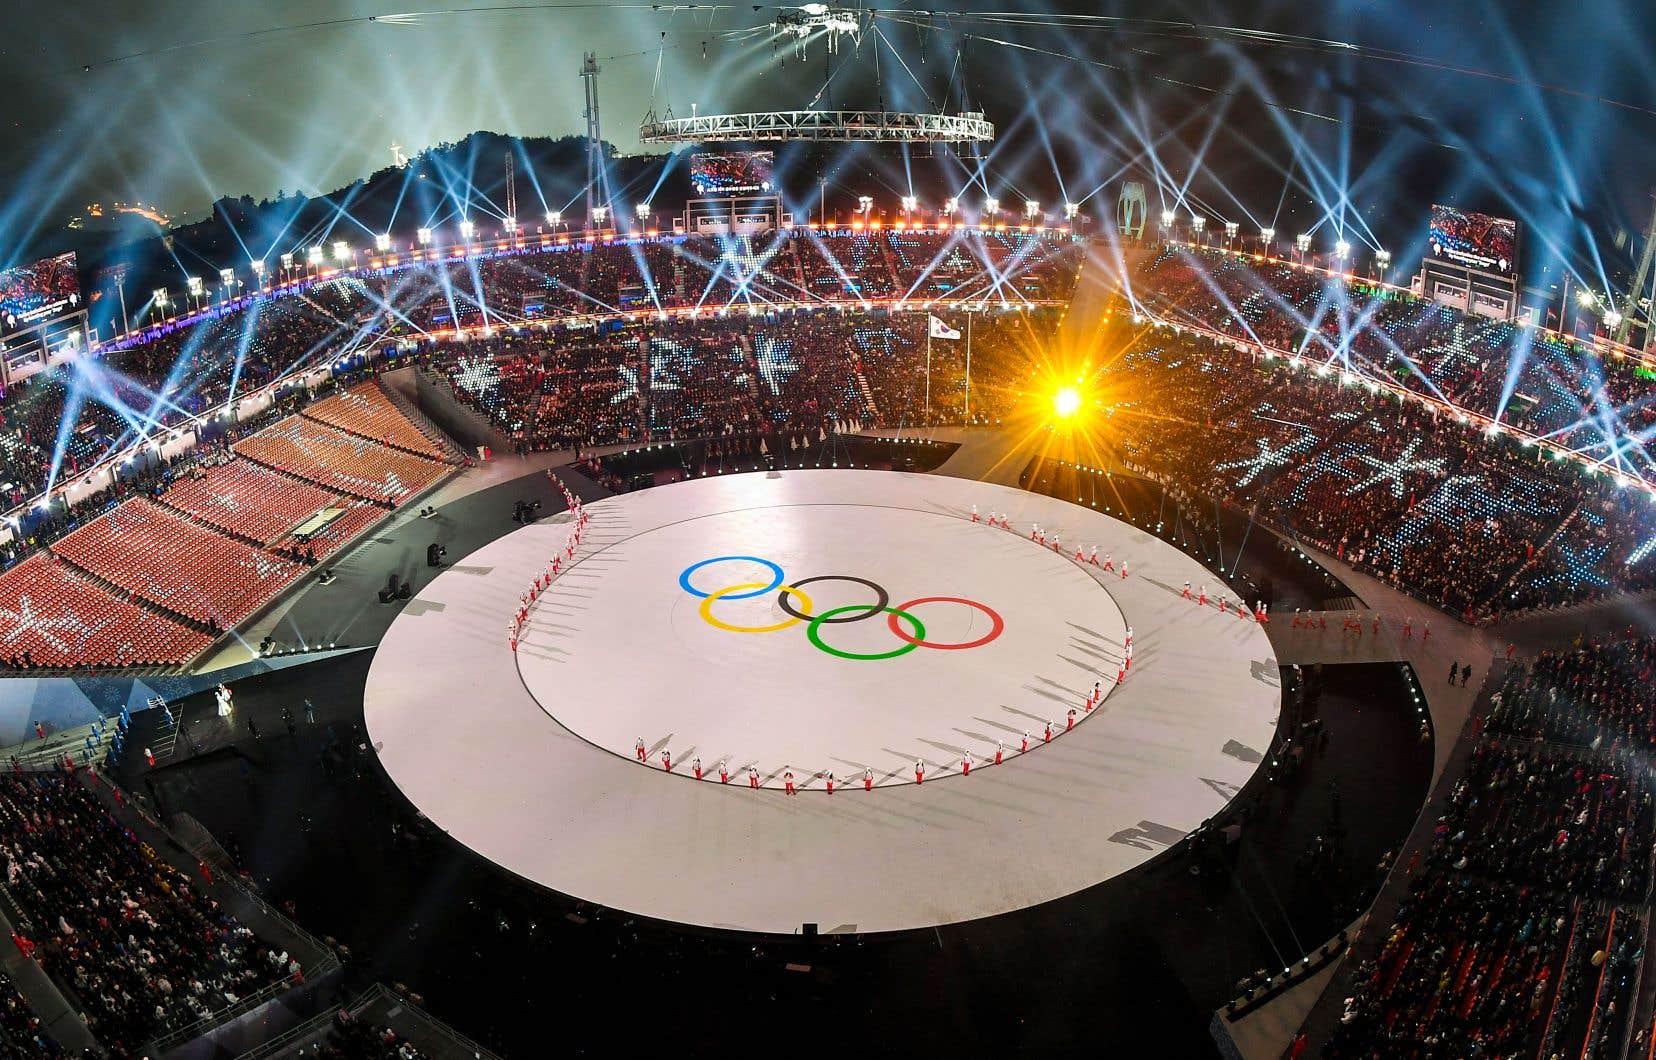 L'équipe du «Devoir» relaiera chaque jour un résumé des épreuves et des faits marquants dans la journée olympique.